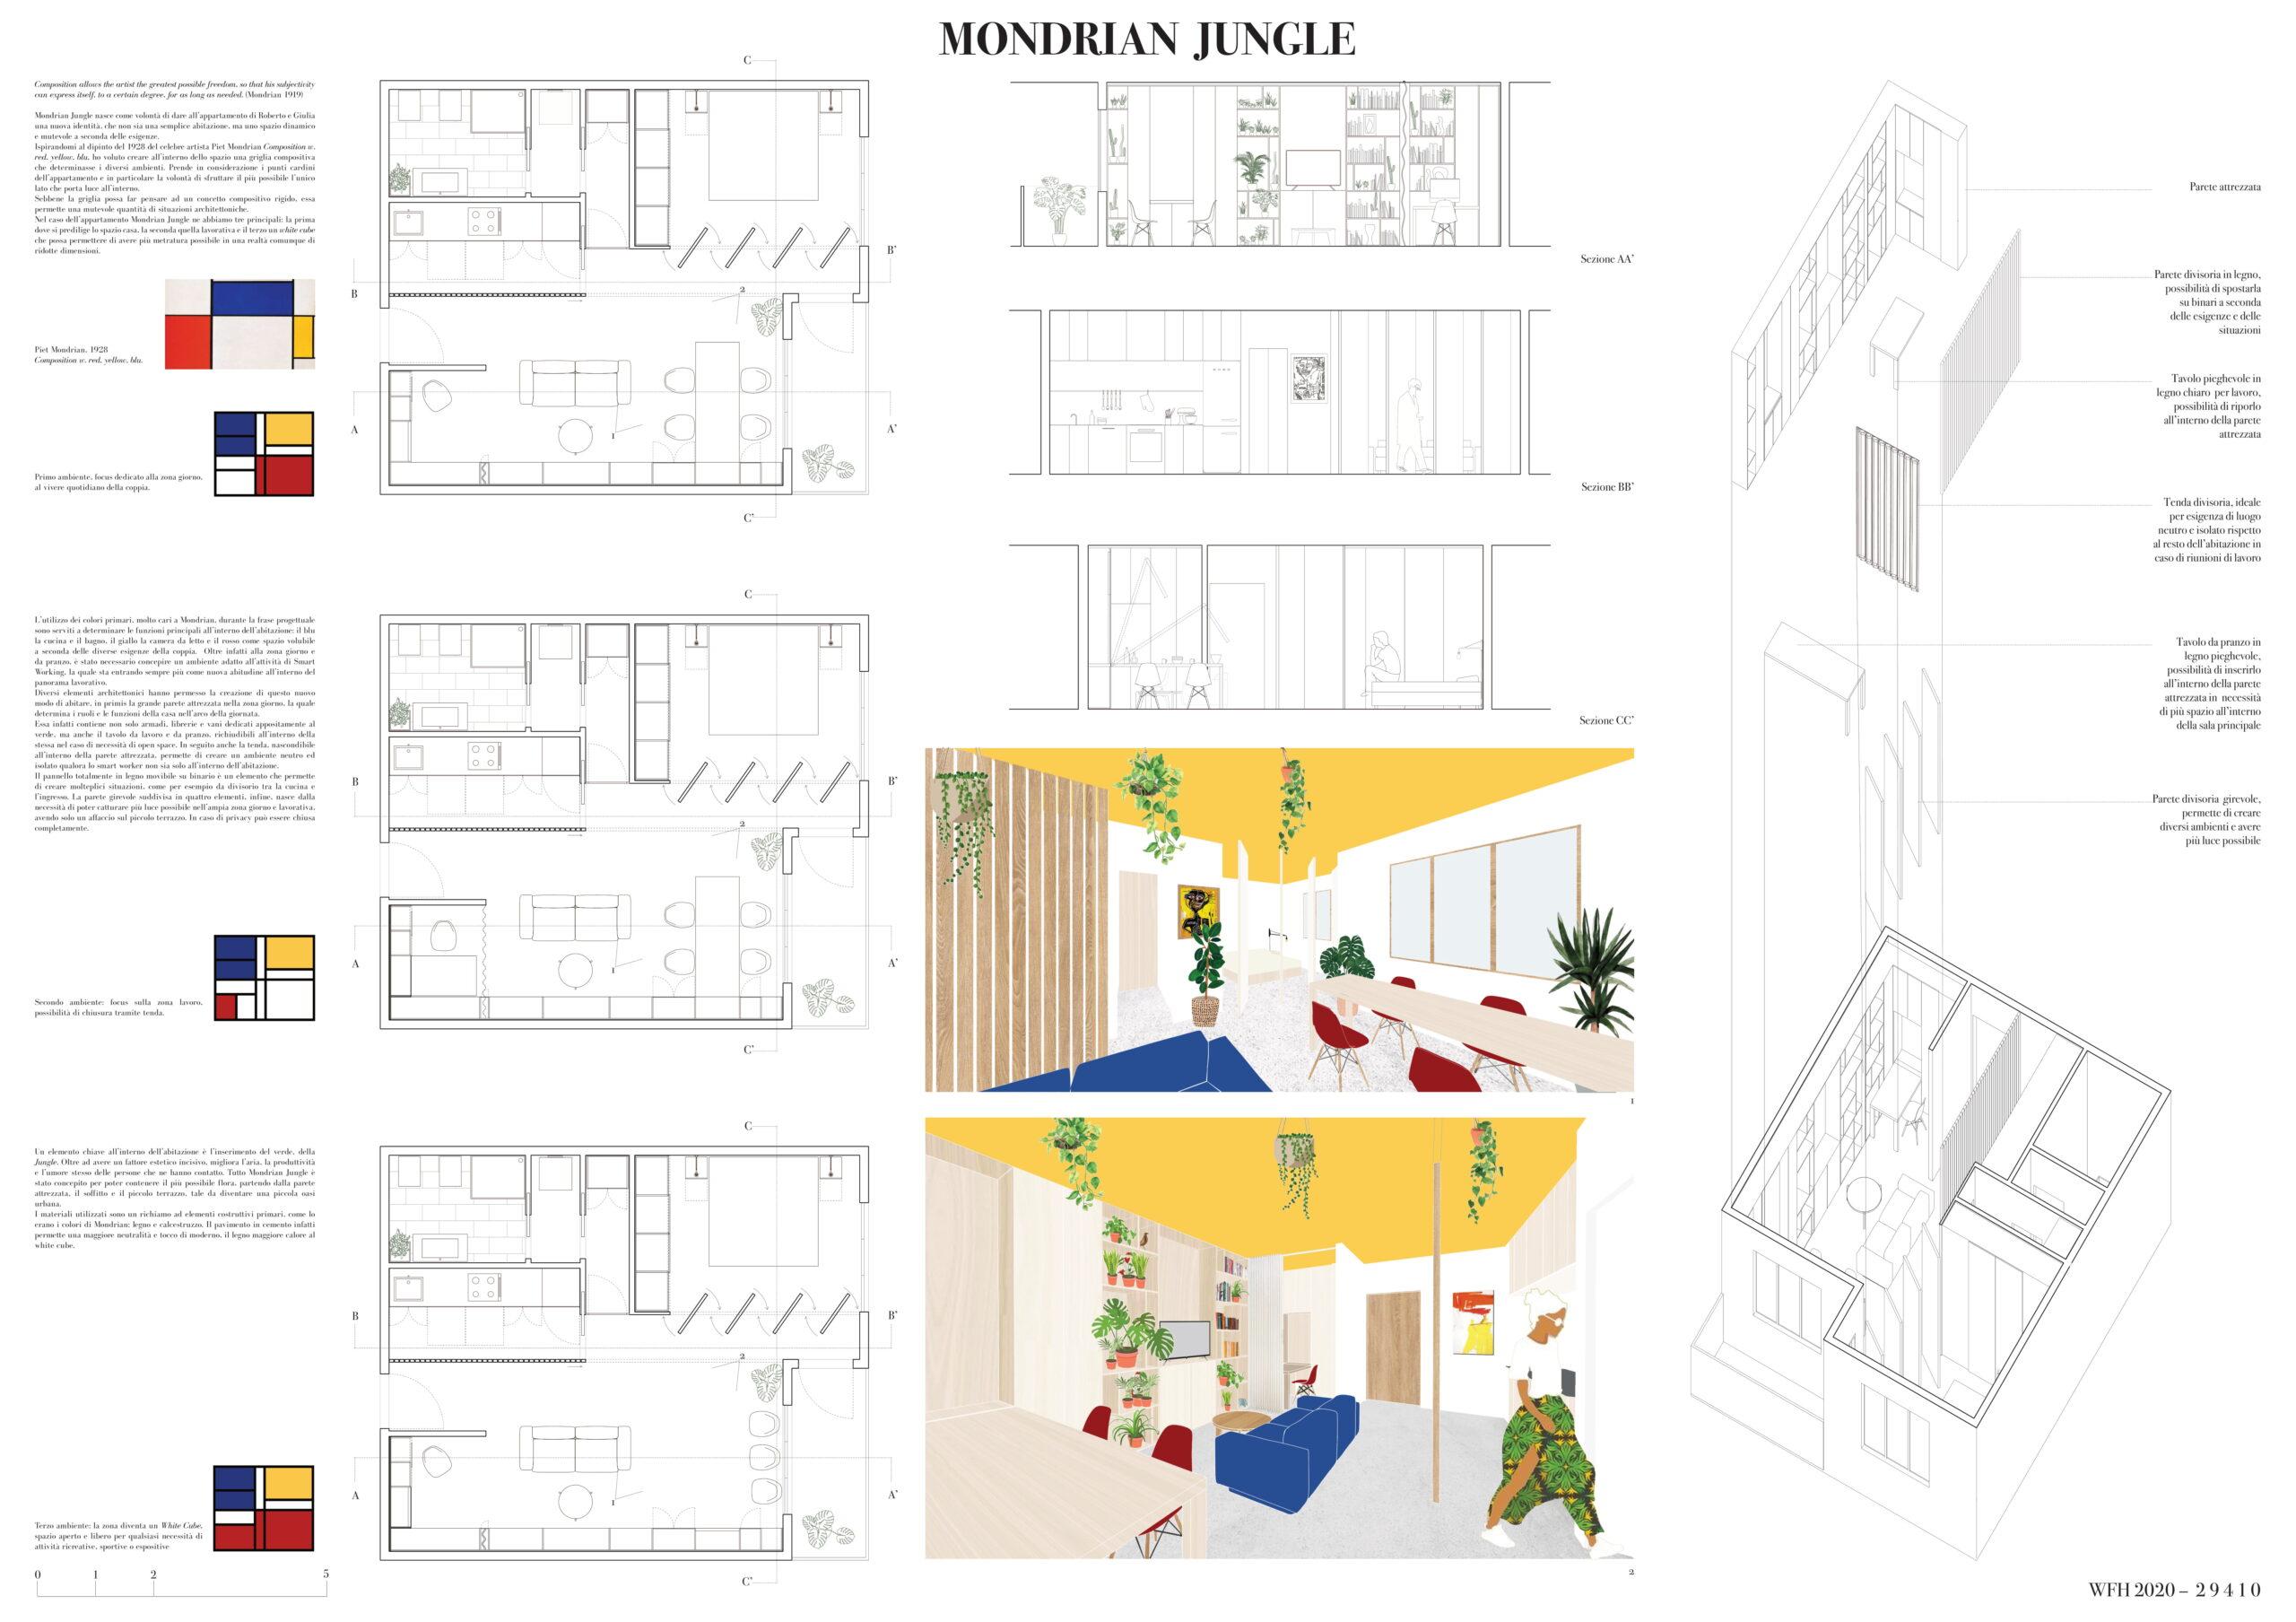 Mondrian Jungle Board